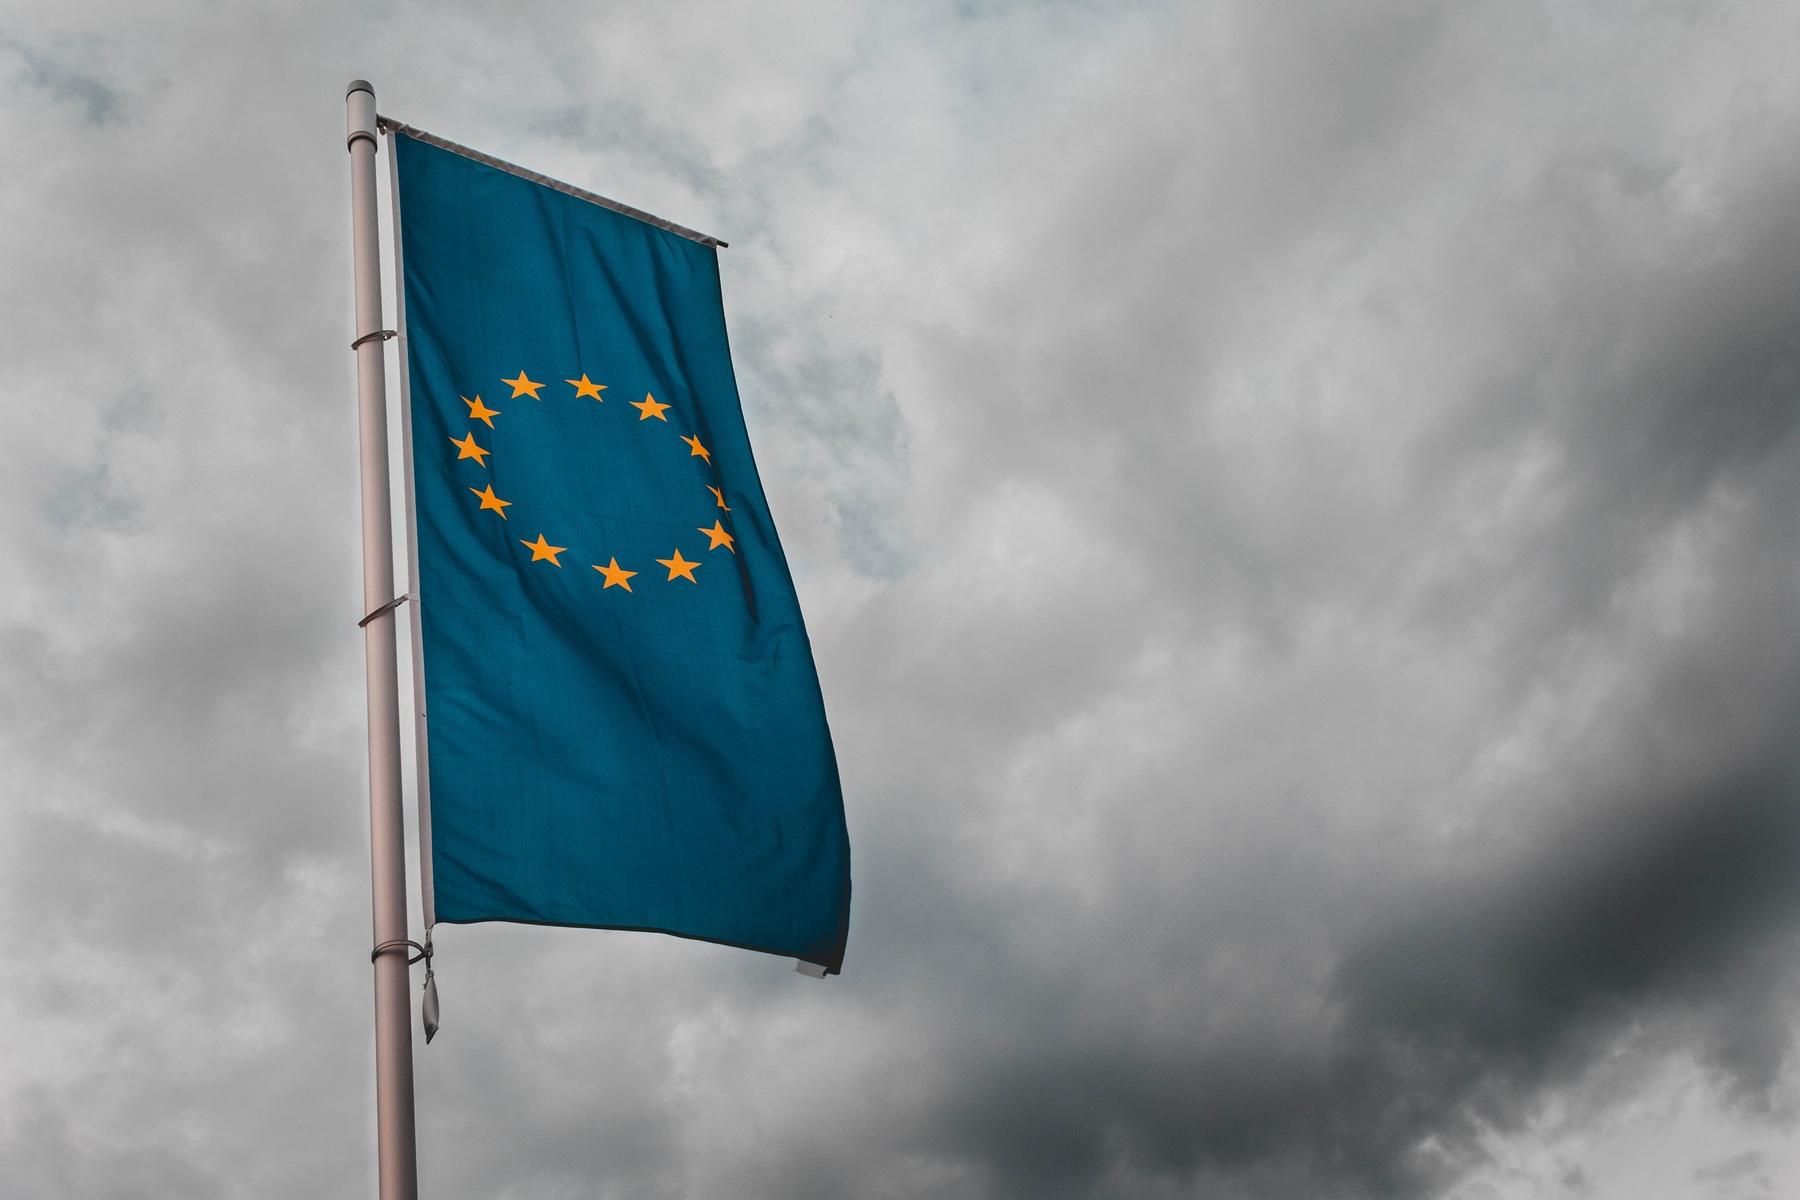 Le Royaume Uni sort de l'Union européenne en 2021